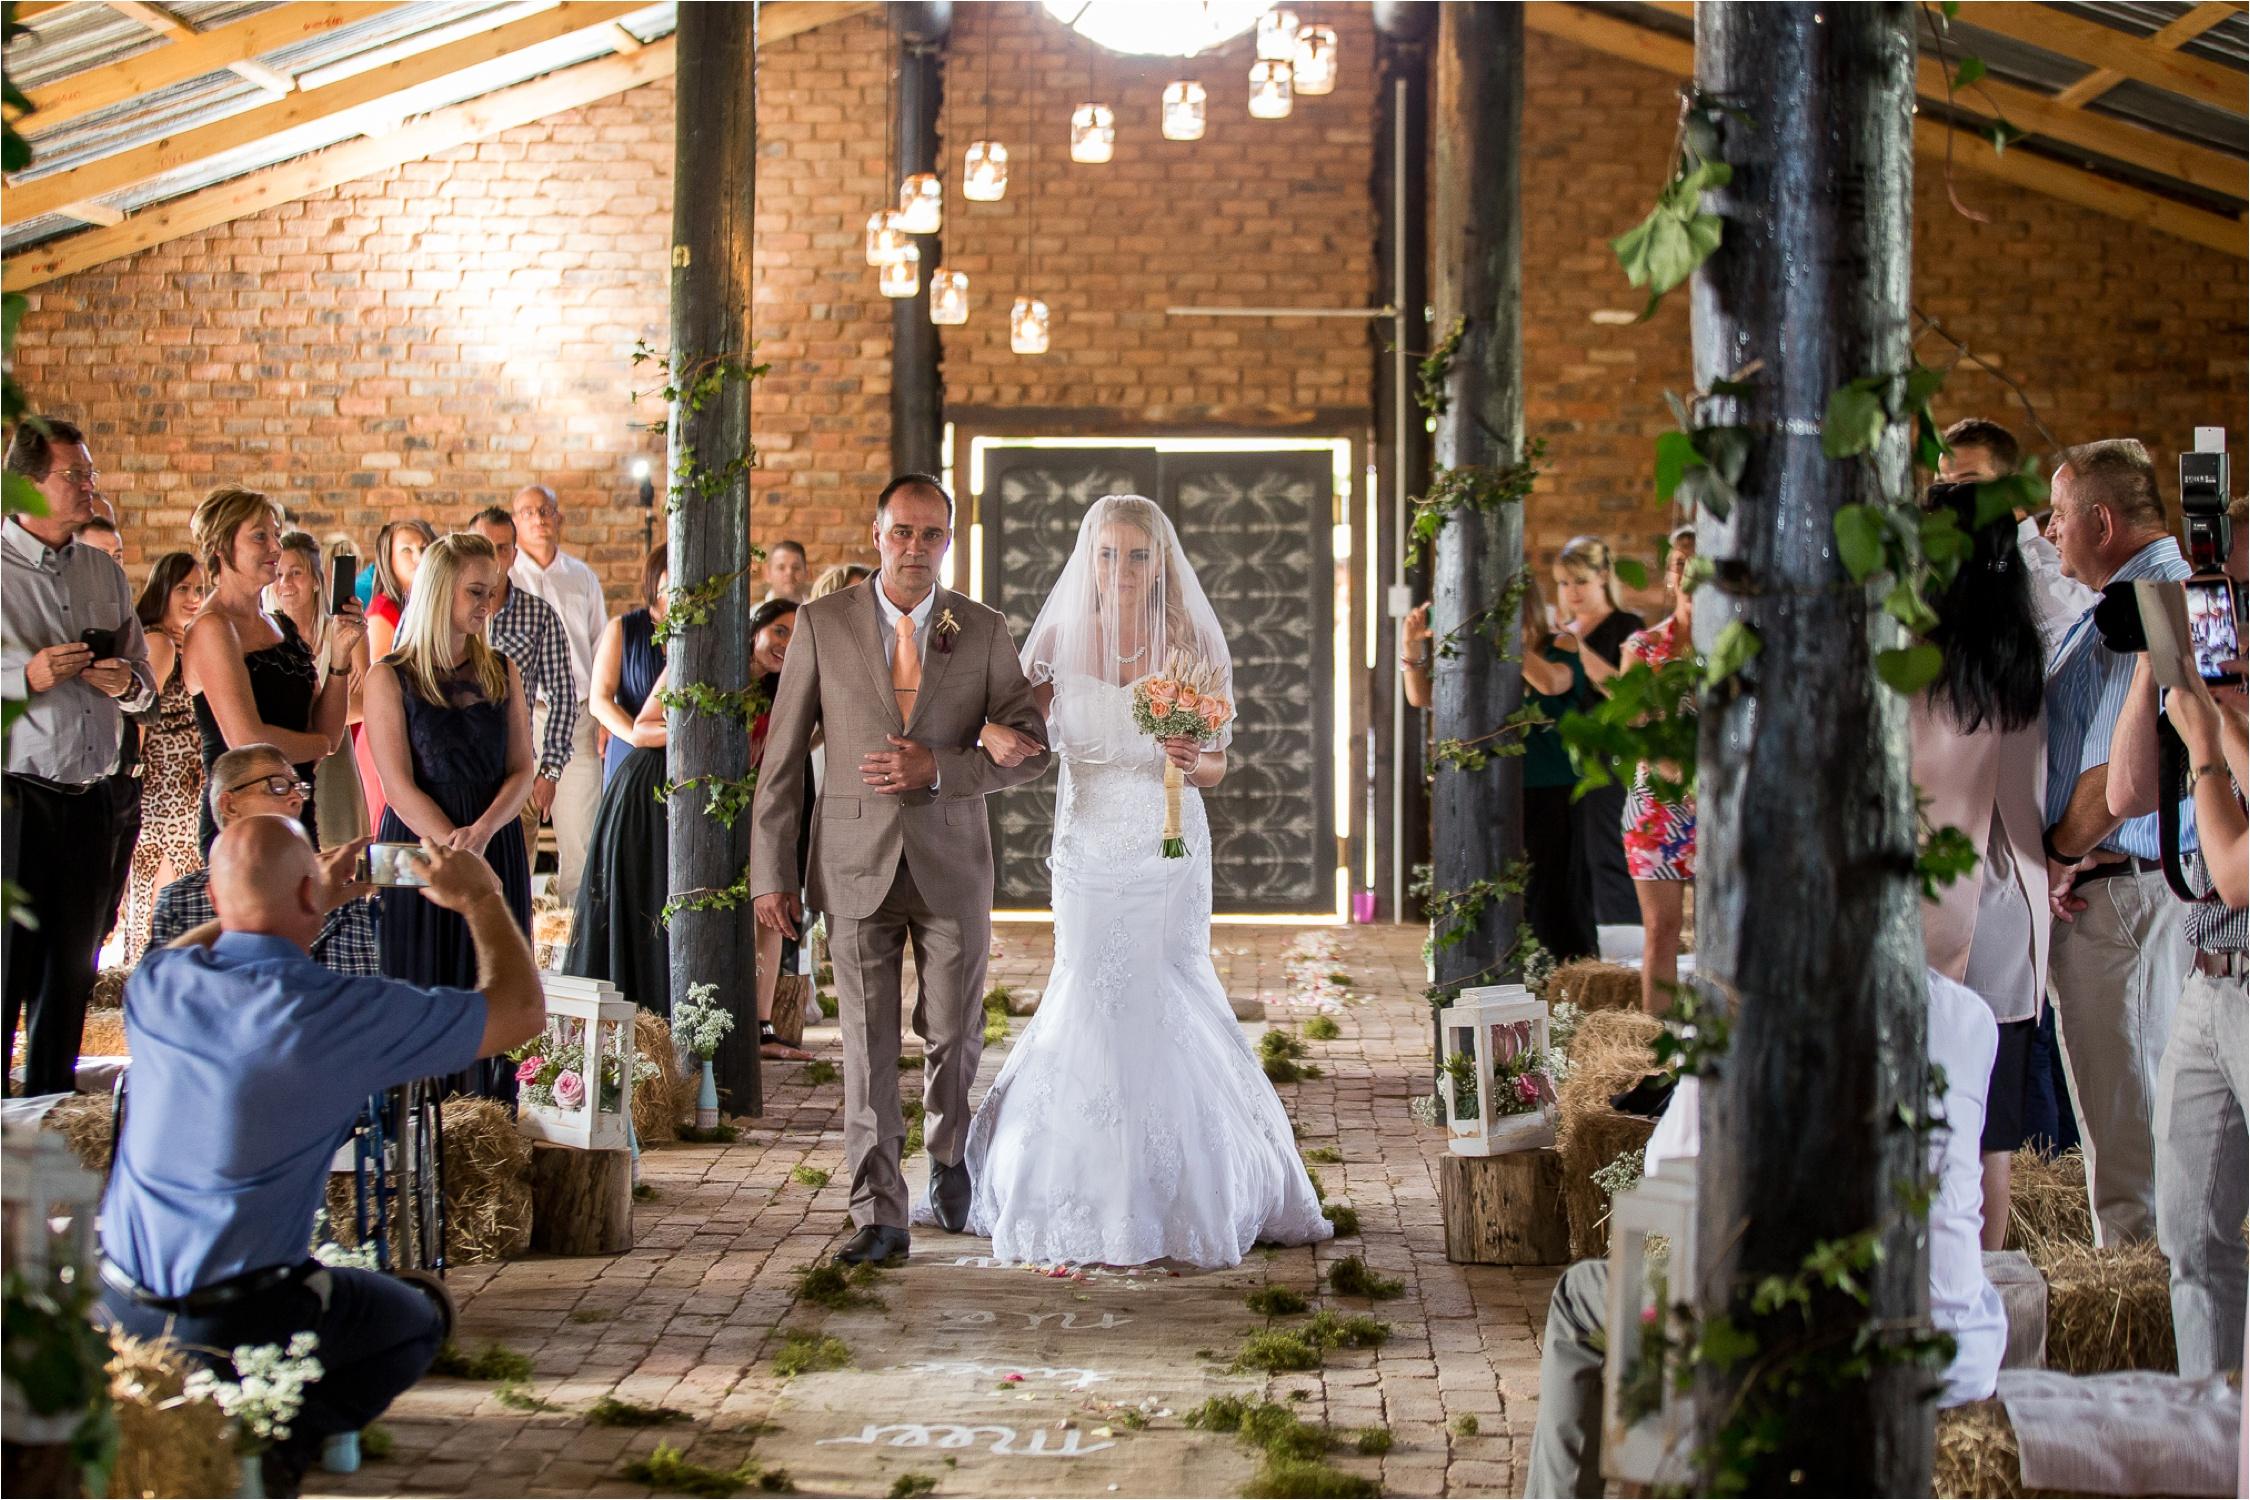 Die_Waenhuiskraal_wedding_Alicia_Dwayne_42